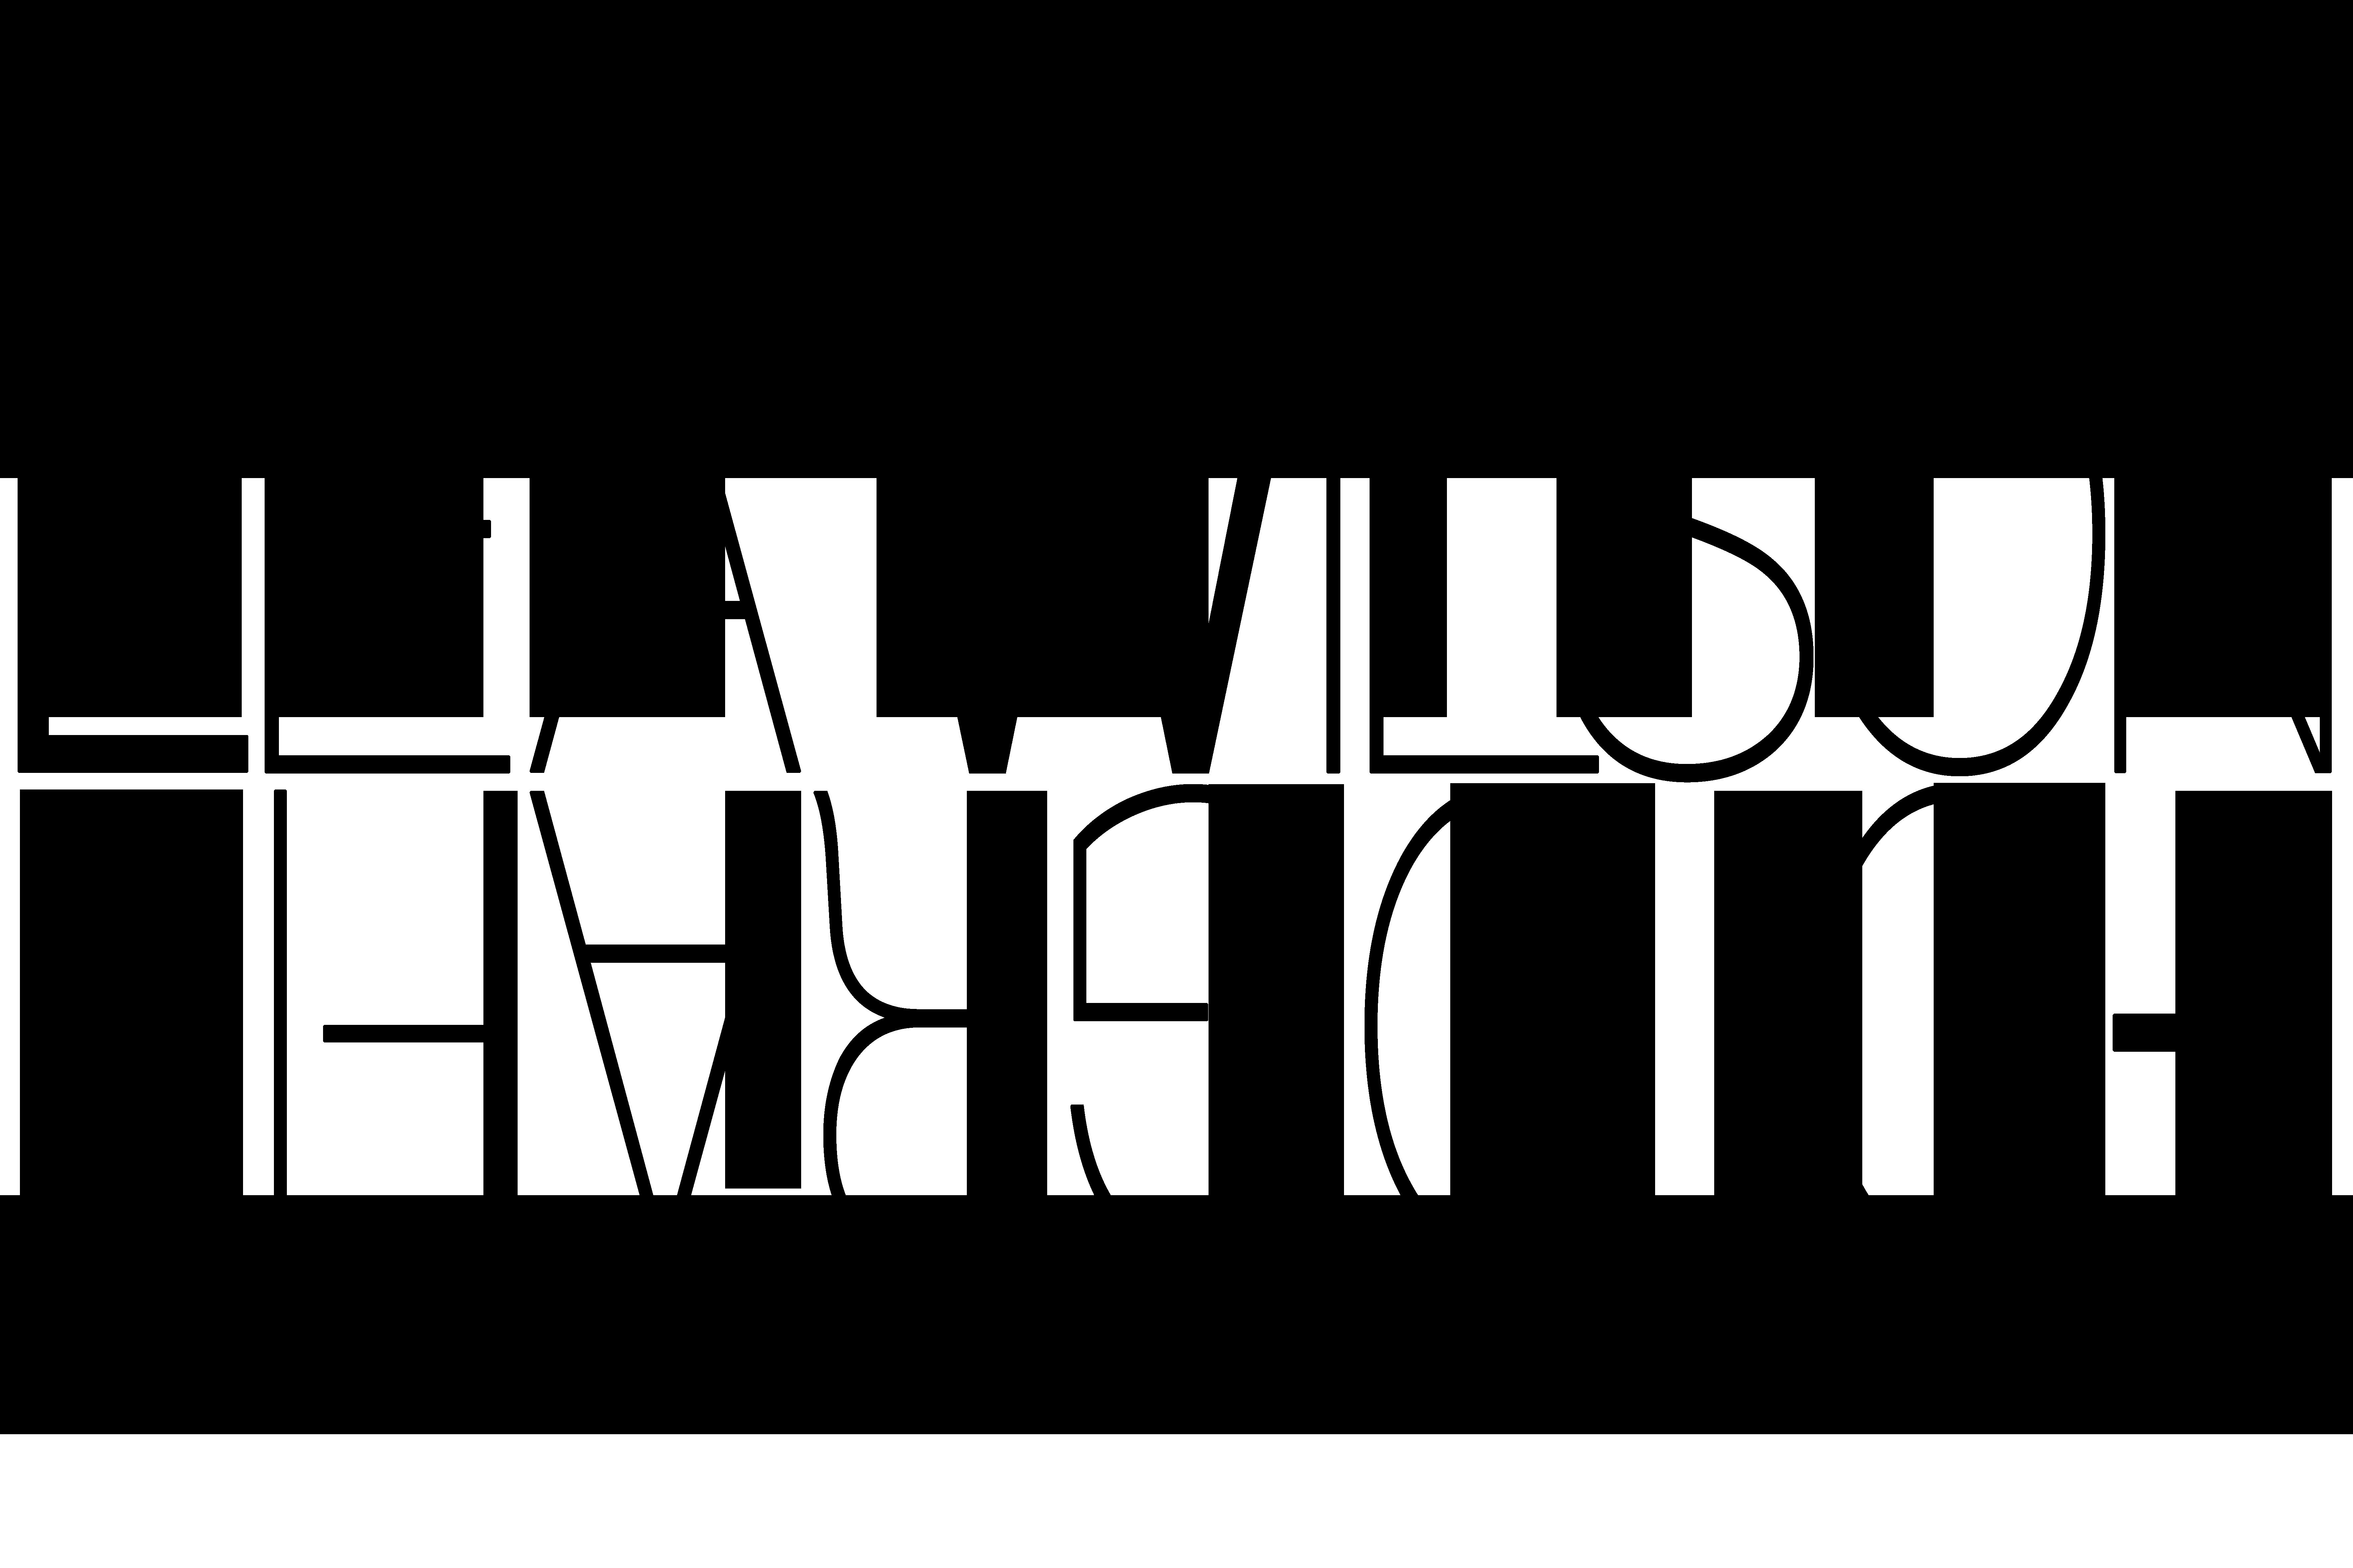 Logo - Lea Wilson Fotografie tranzparent